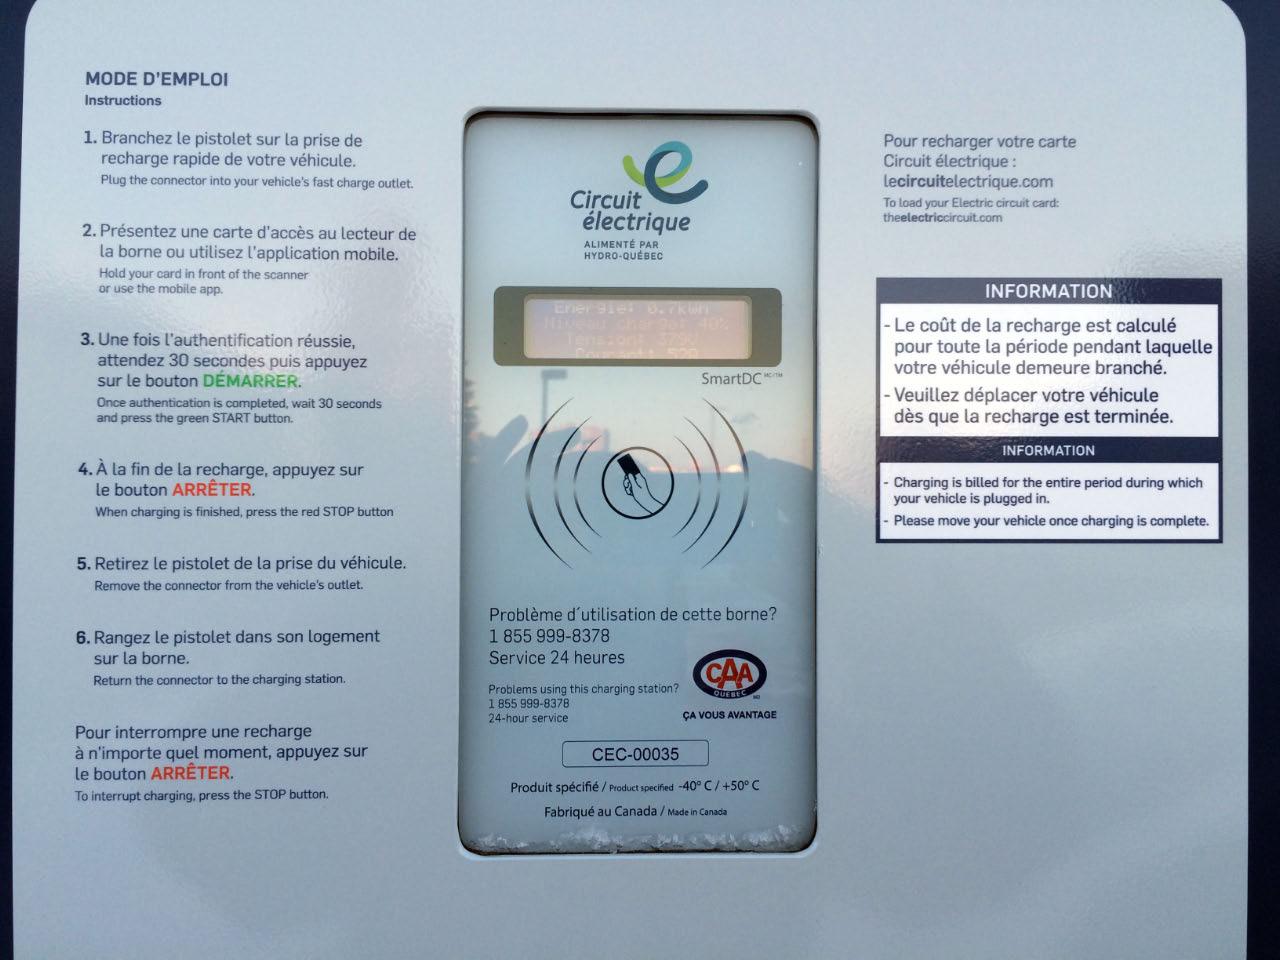 Explication recharge rapide voiture electrique - autonomie hiver froid Nissan LEAF